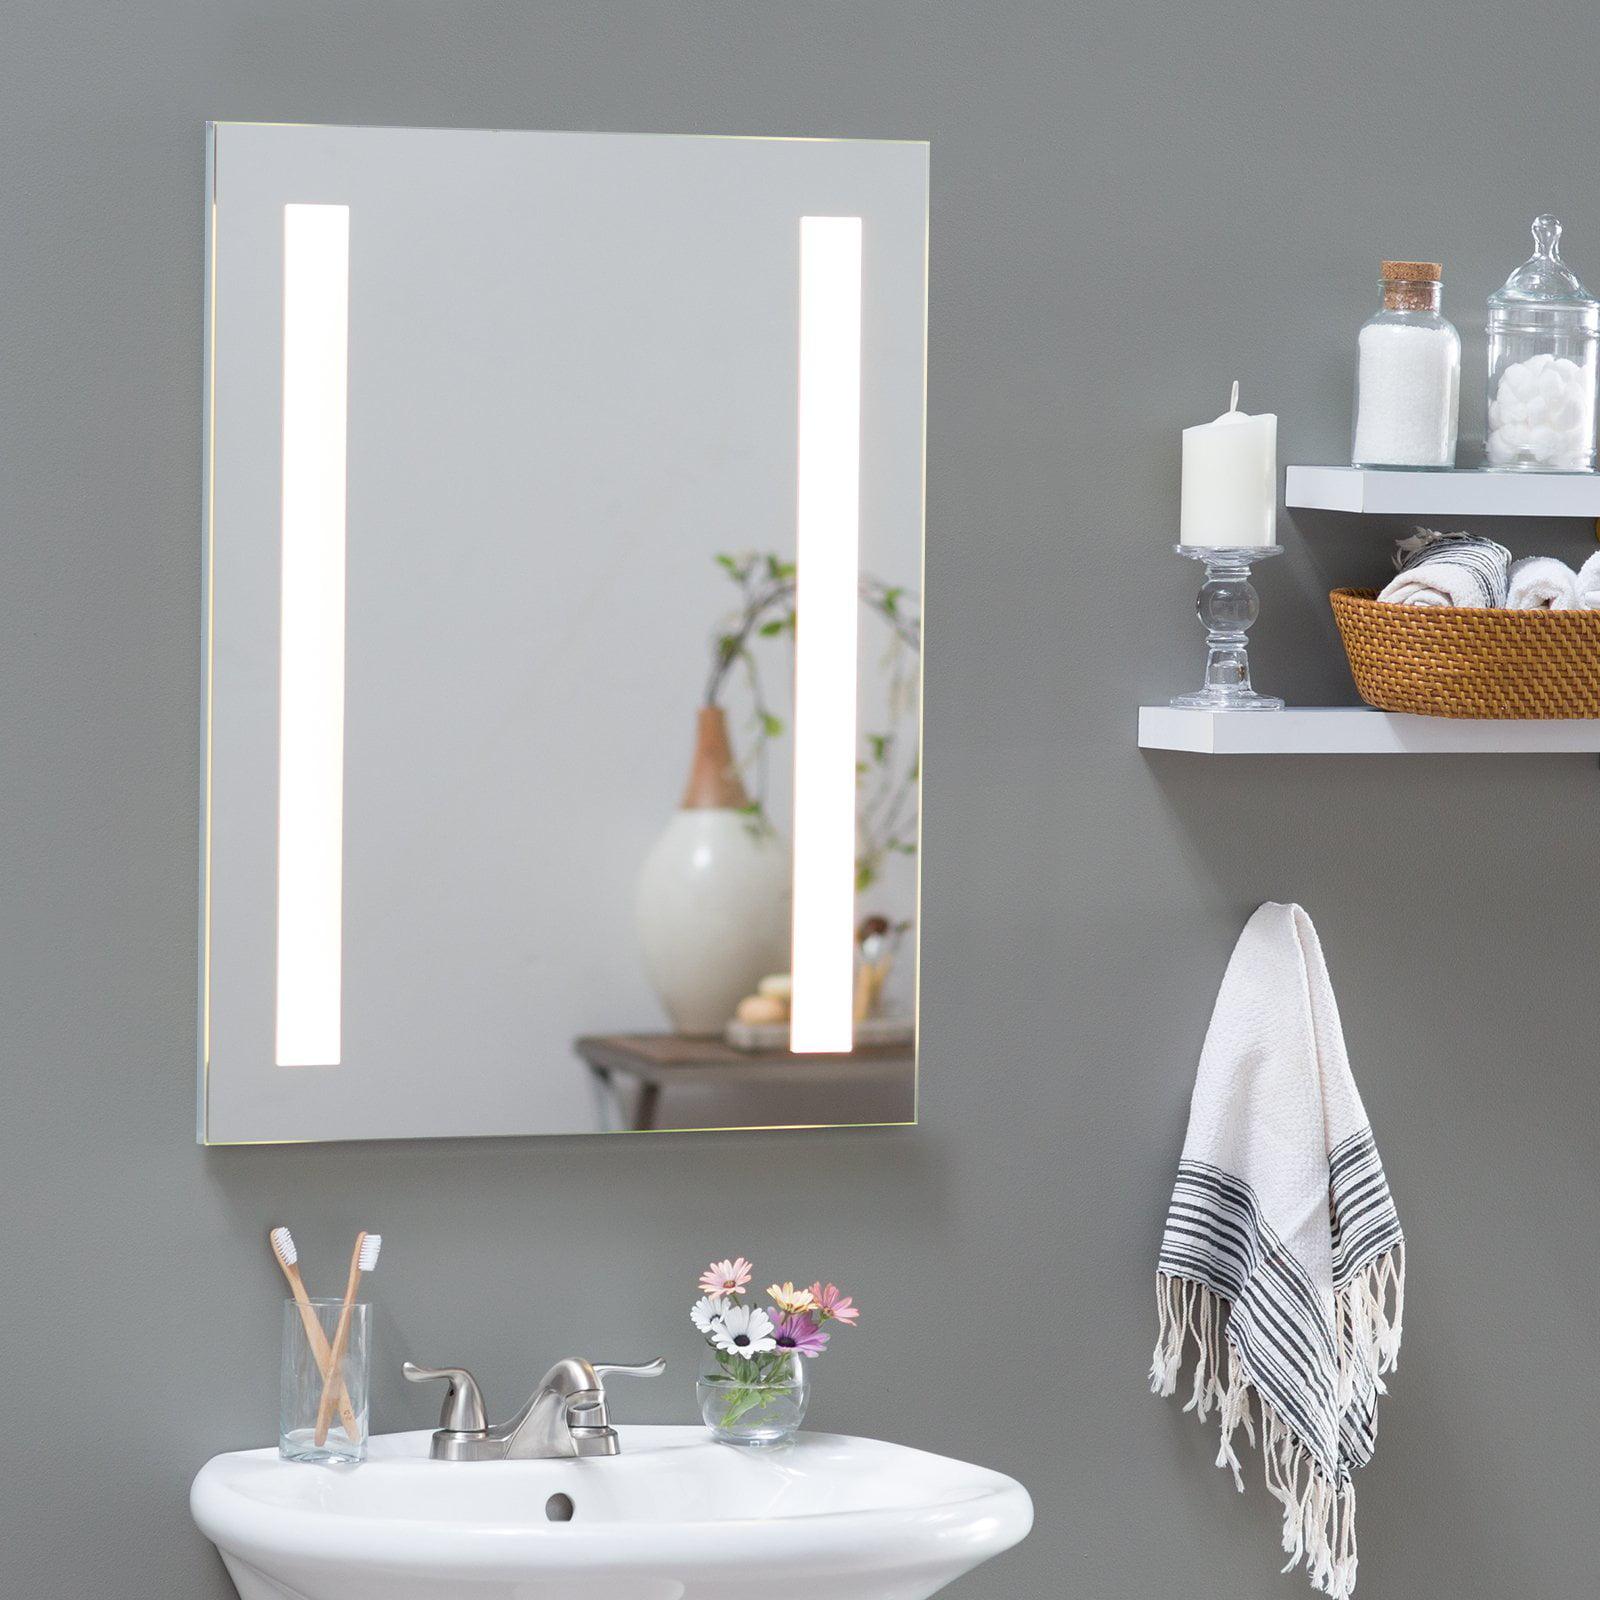 Afina Illume Backlit LED Medicine Cabinet - Walmart.com